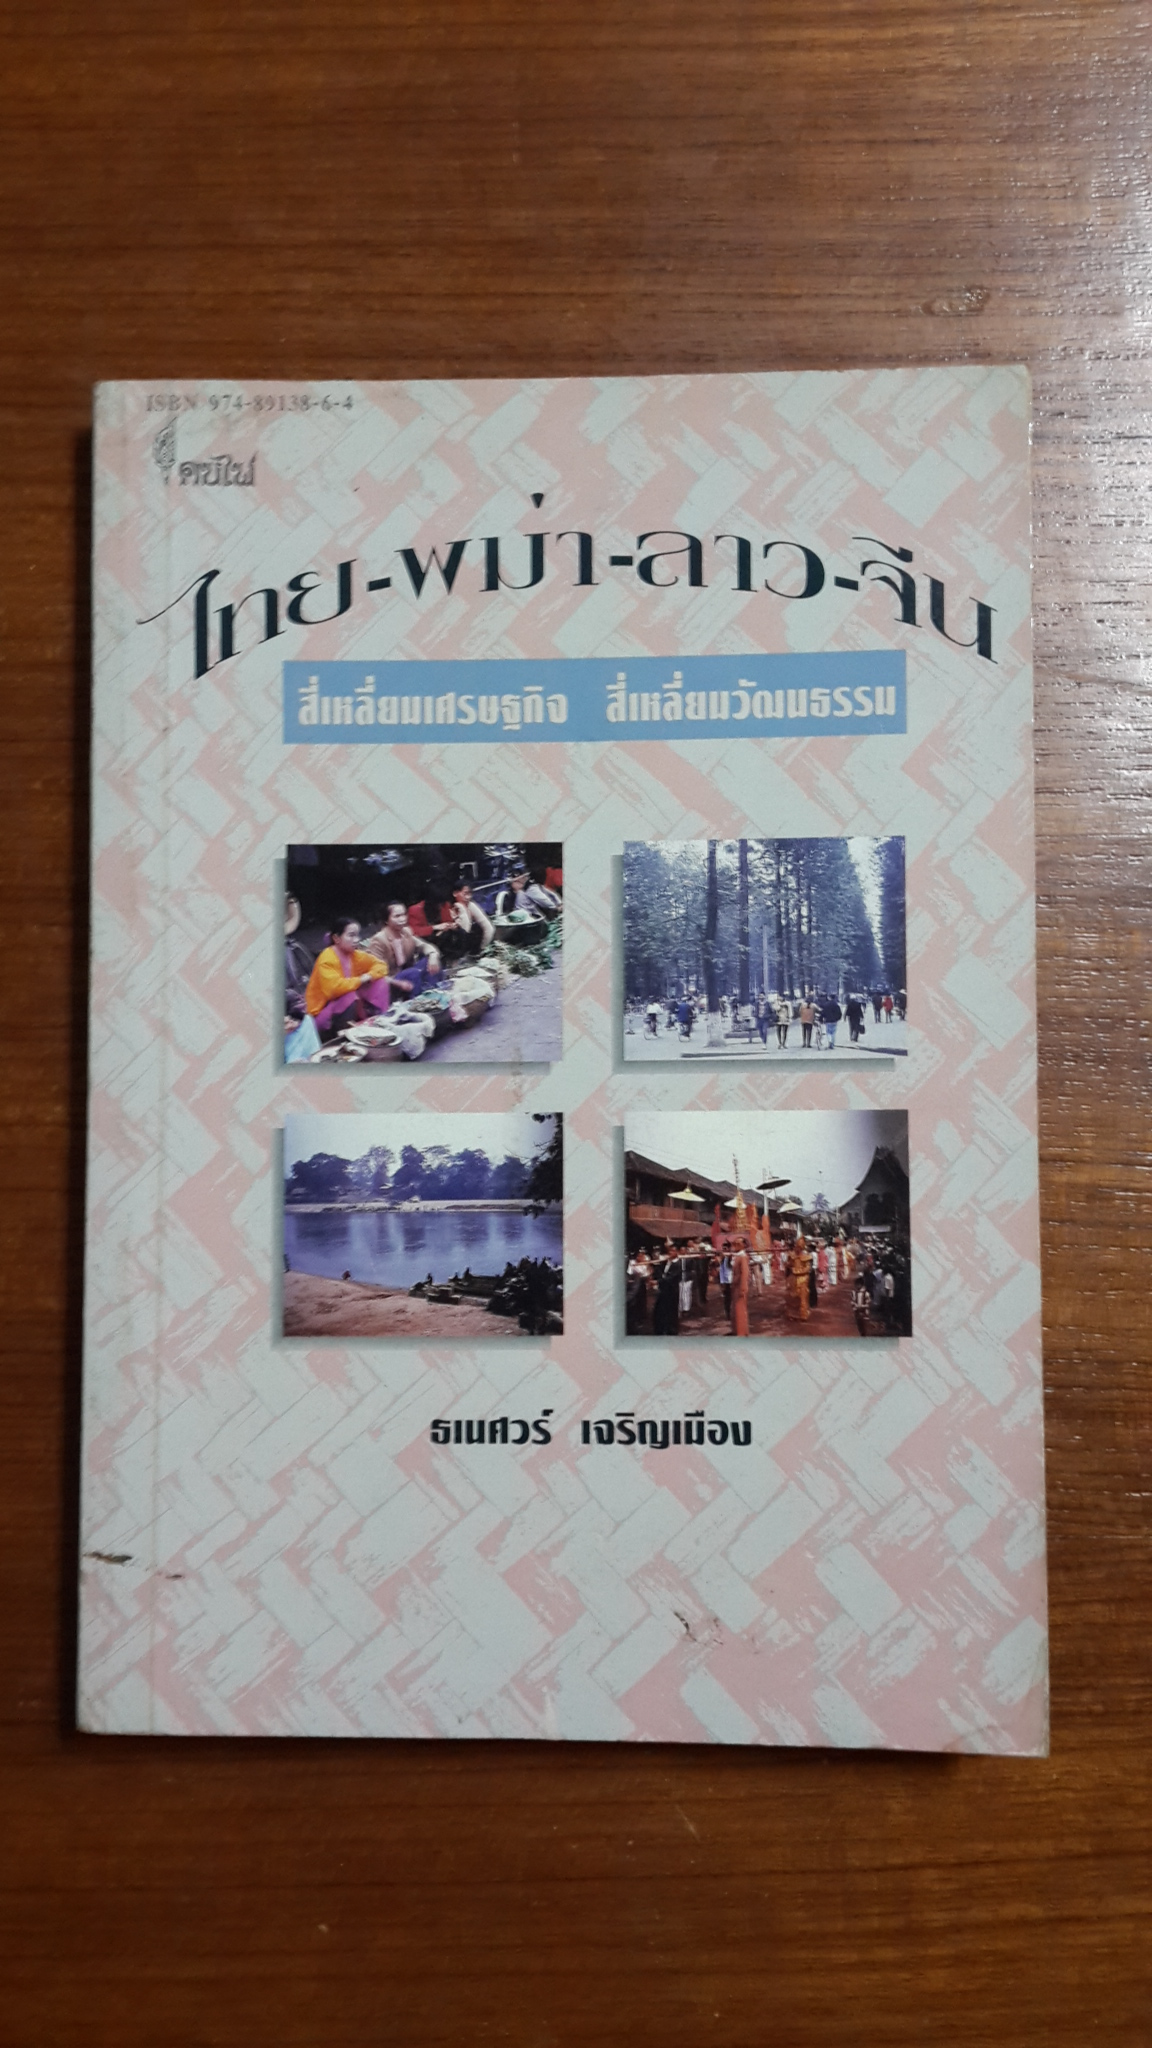 ไทย-พม่า-ลาว-จีน : สี่เหลี่ยมเศรษฐกิจ สี่เหลี่ยมวัฒนธรรม / ธเนศวร์ เจริญเมือง